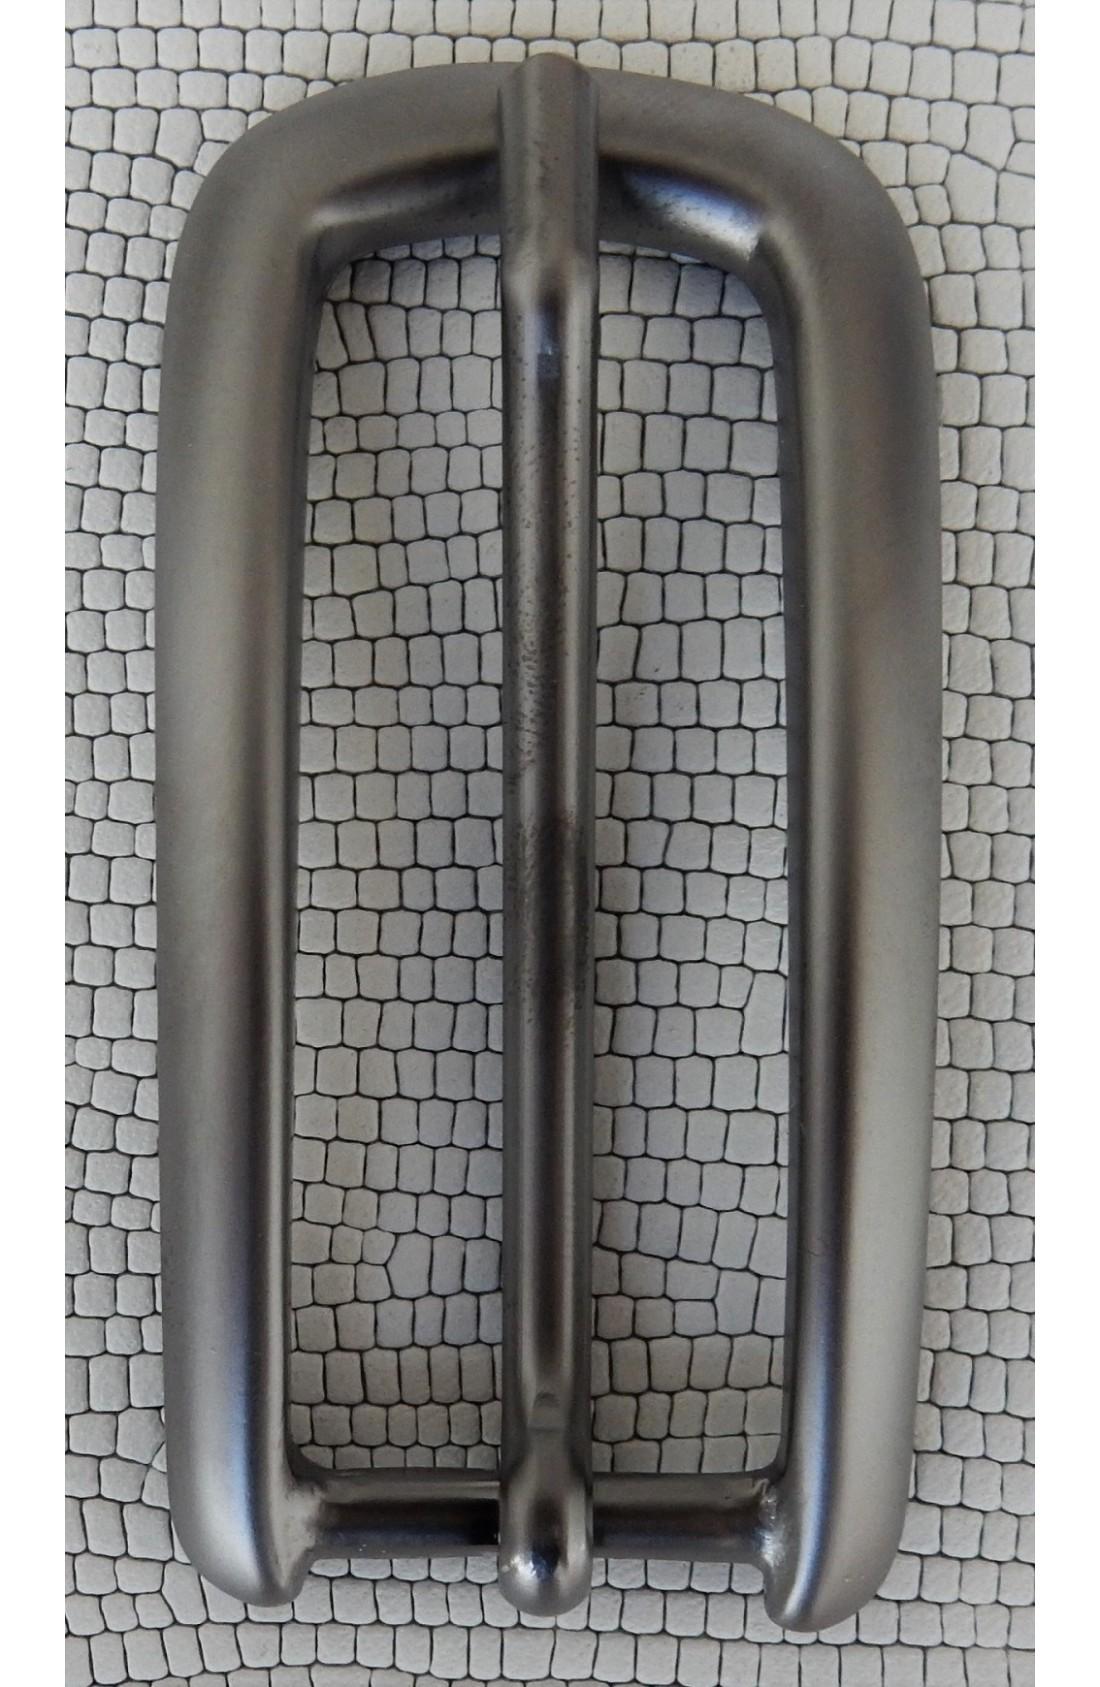 Fibbia Standard H 41 mm.20 nikel nero (1)